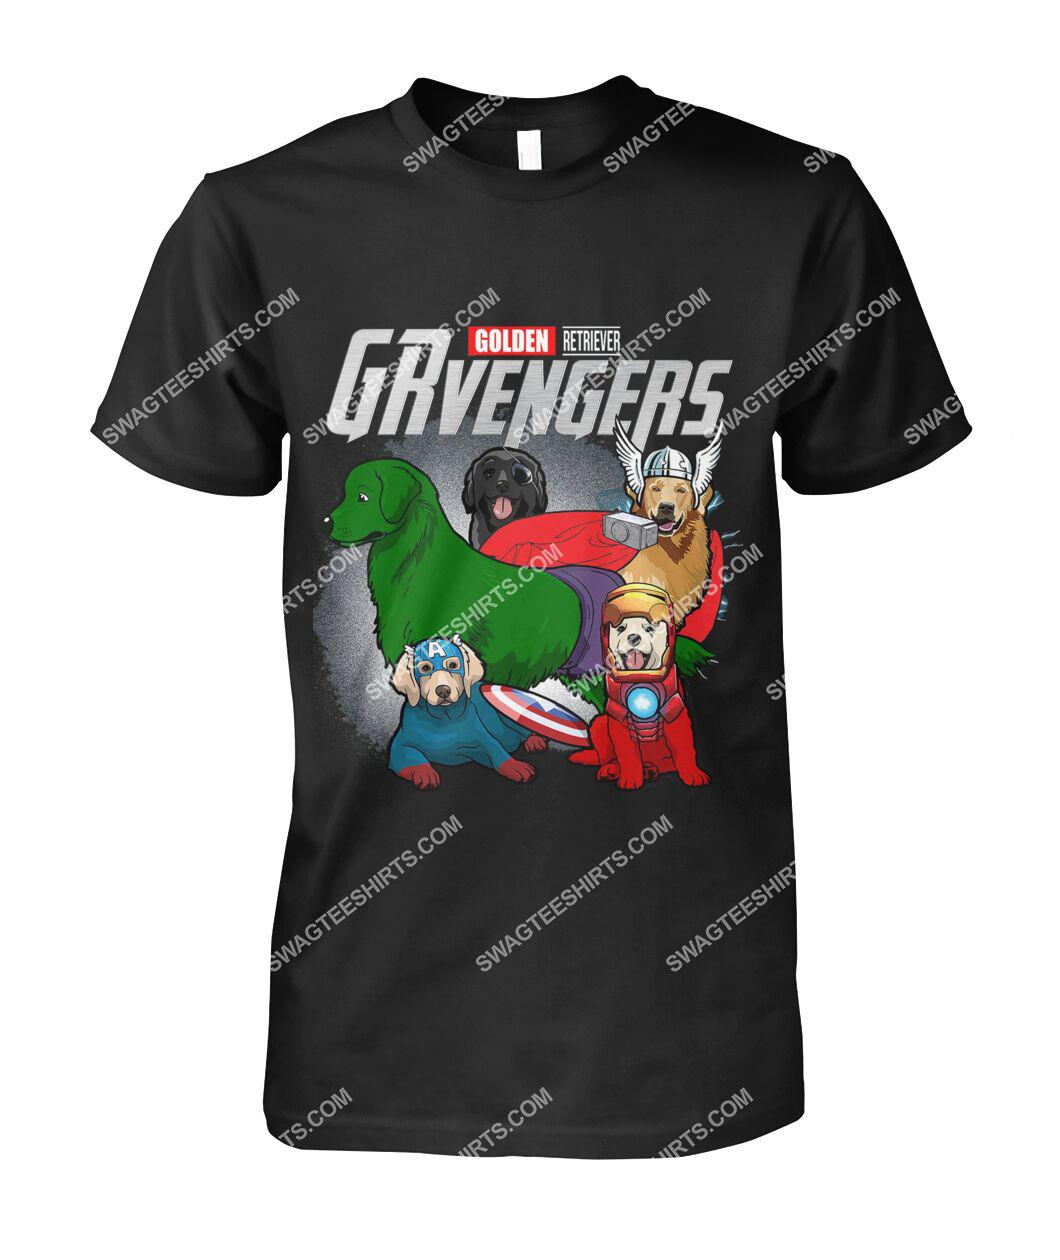 golden retriever grvengers marvel avengers dogs lover tshirt 1